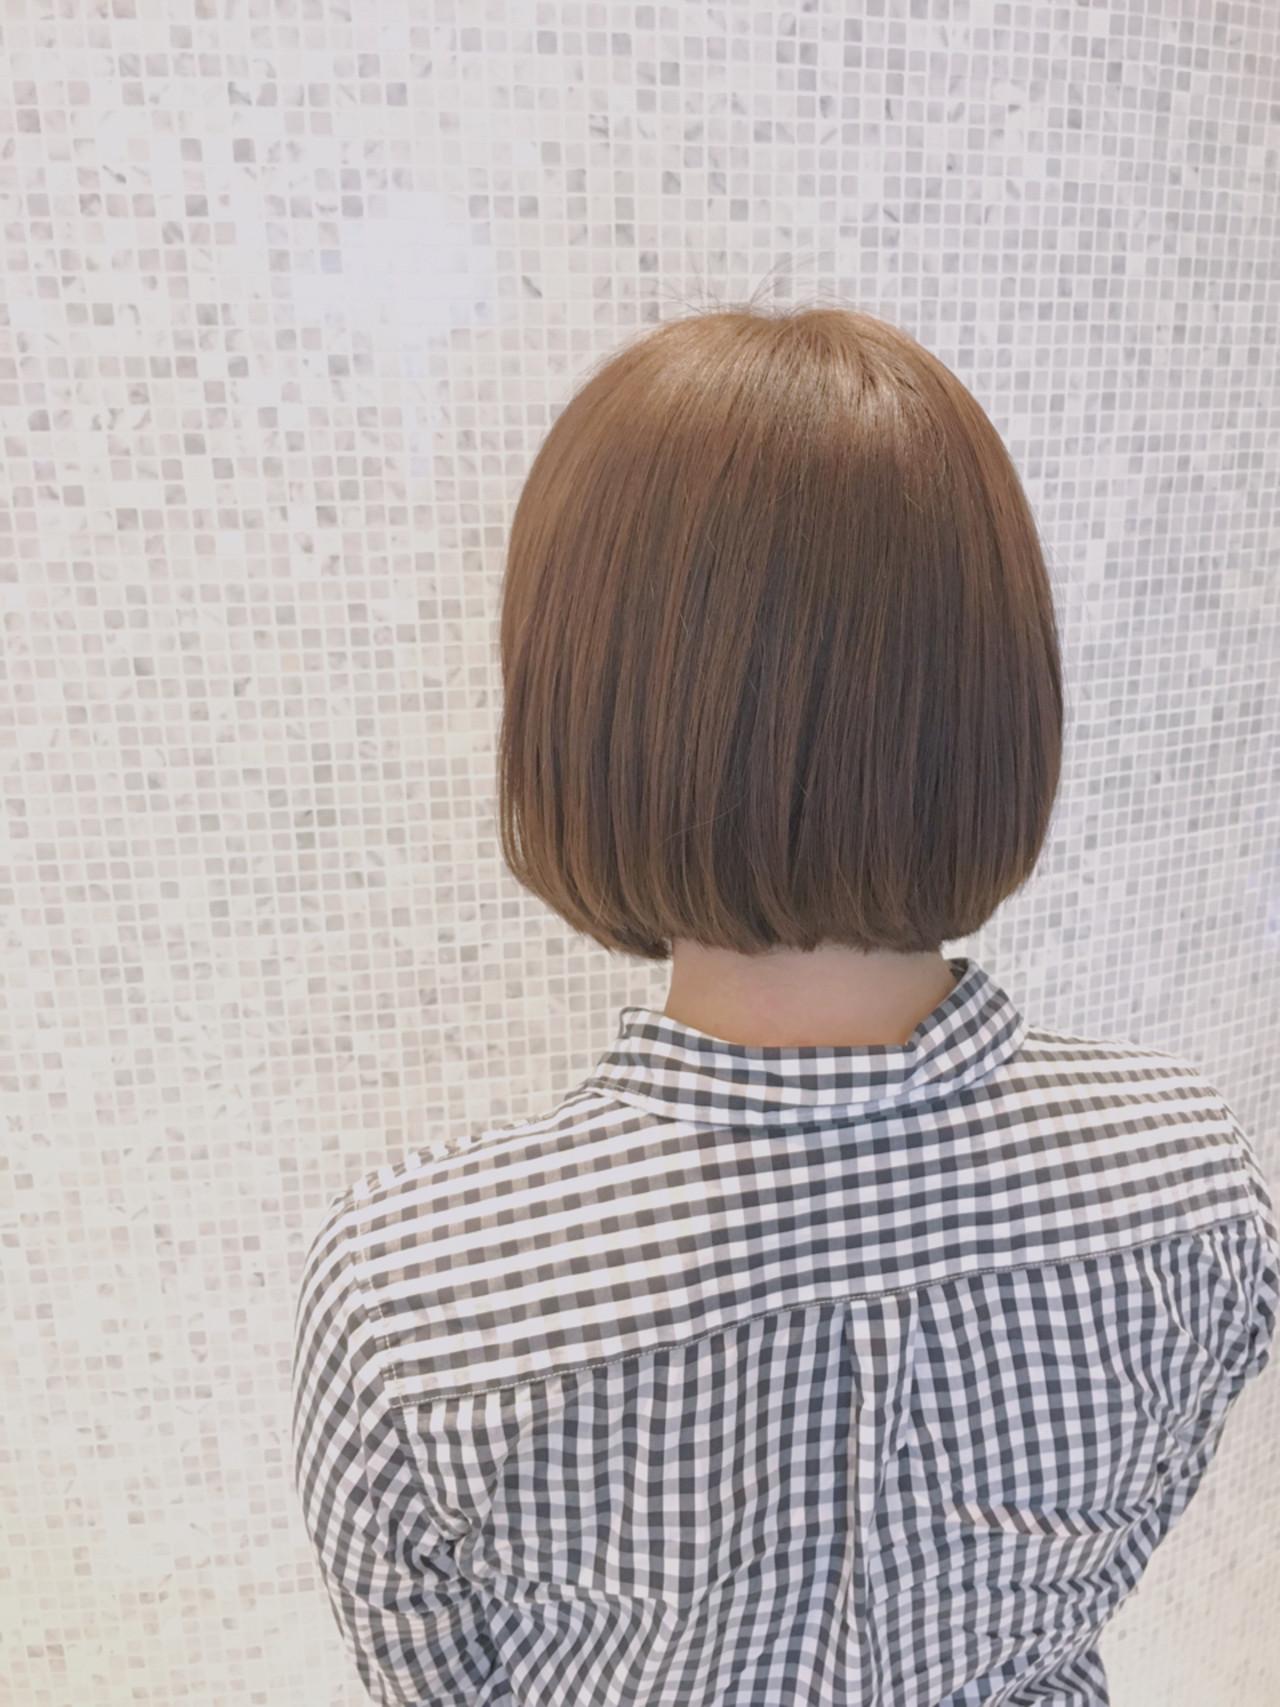 ボブ ベージュ 小顔 アッシュベージュ ヘアスタイルや髪型の写真・画像